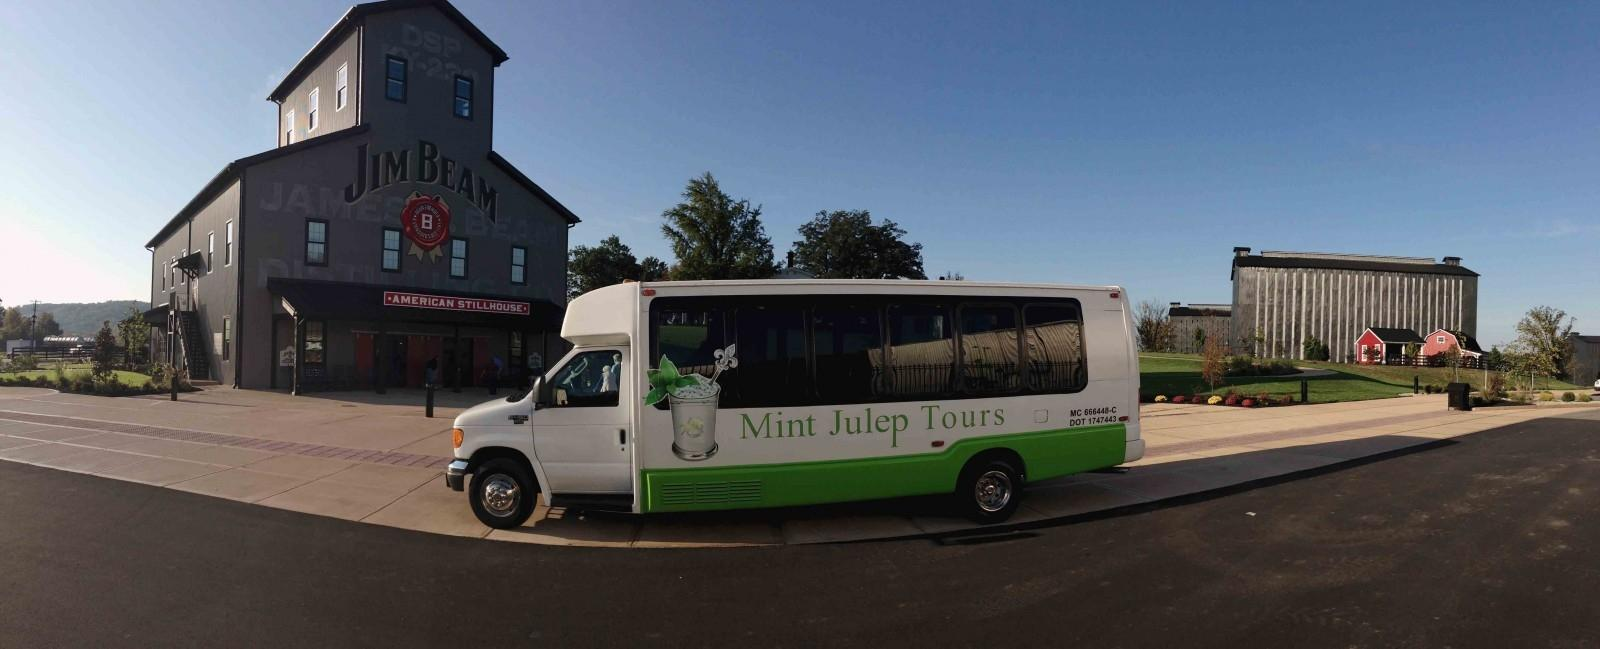 Mint Julep Tour to Jim Beam Distillery